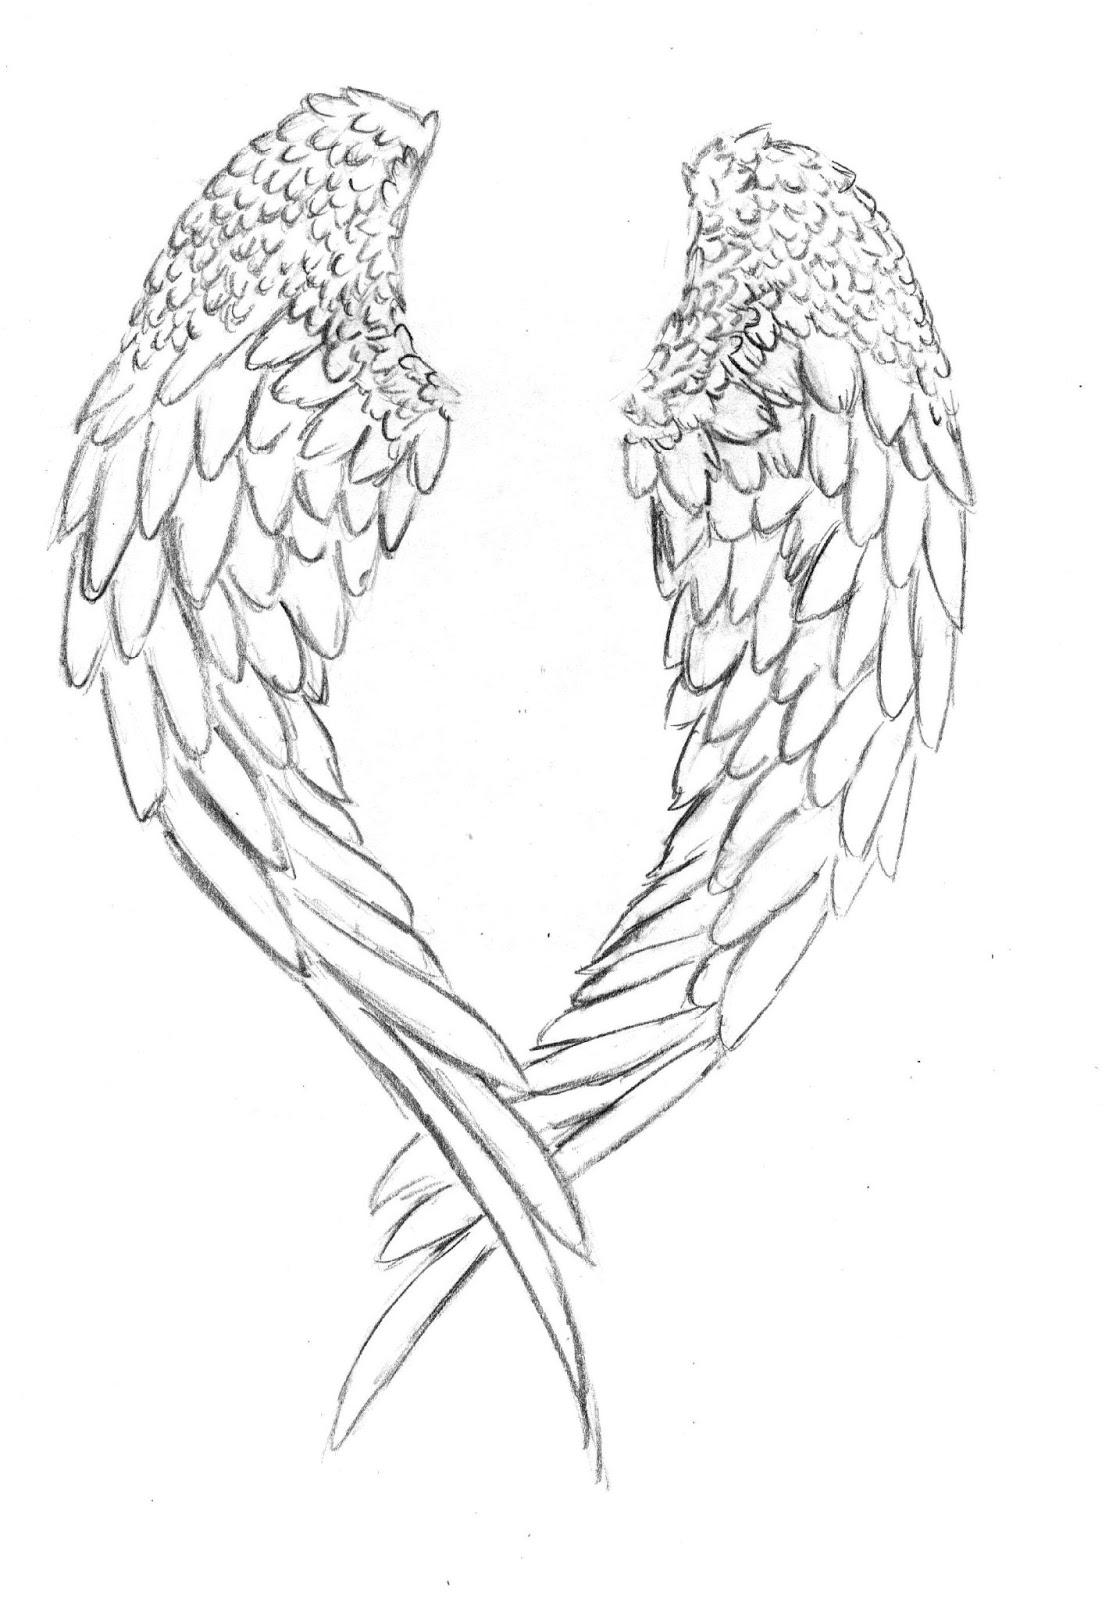 coloring pages of wings dibujos y plantillas para imprimir alas de angel coloring of pages wings